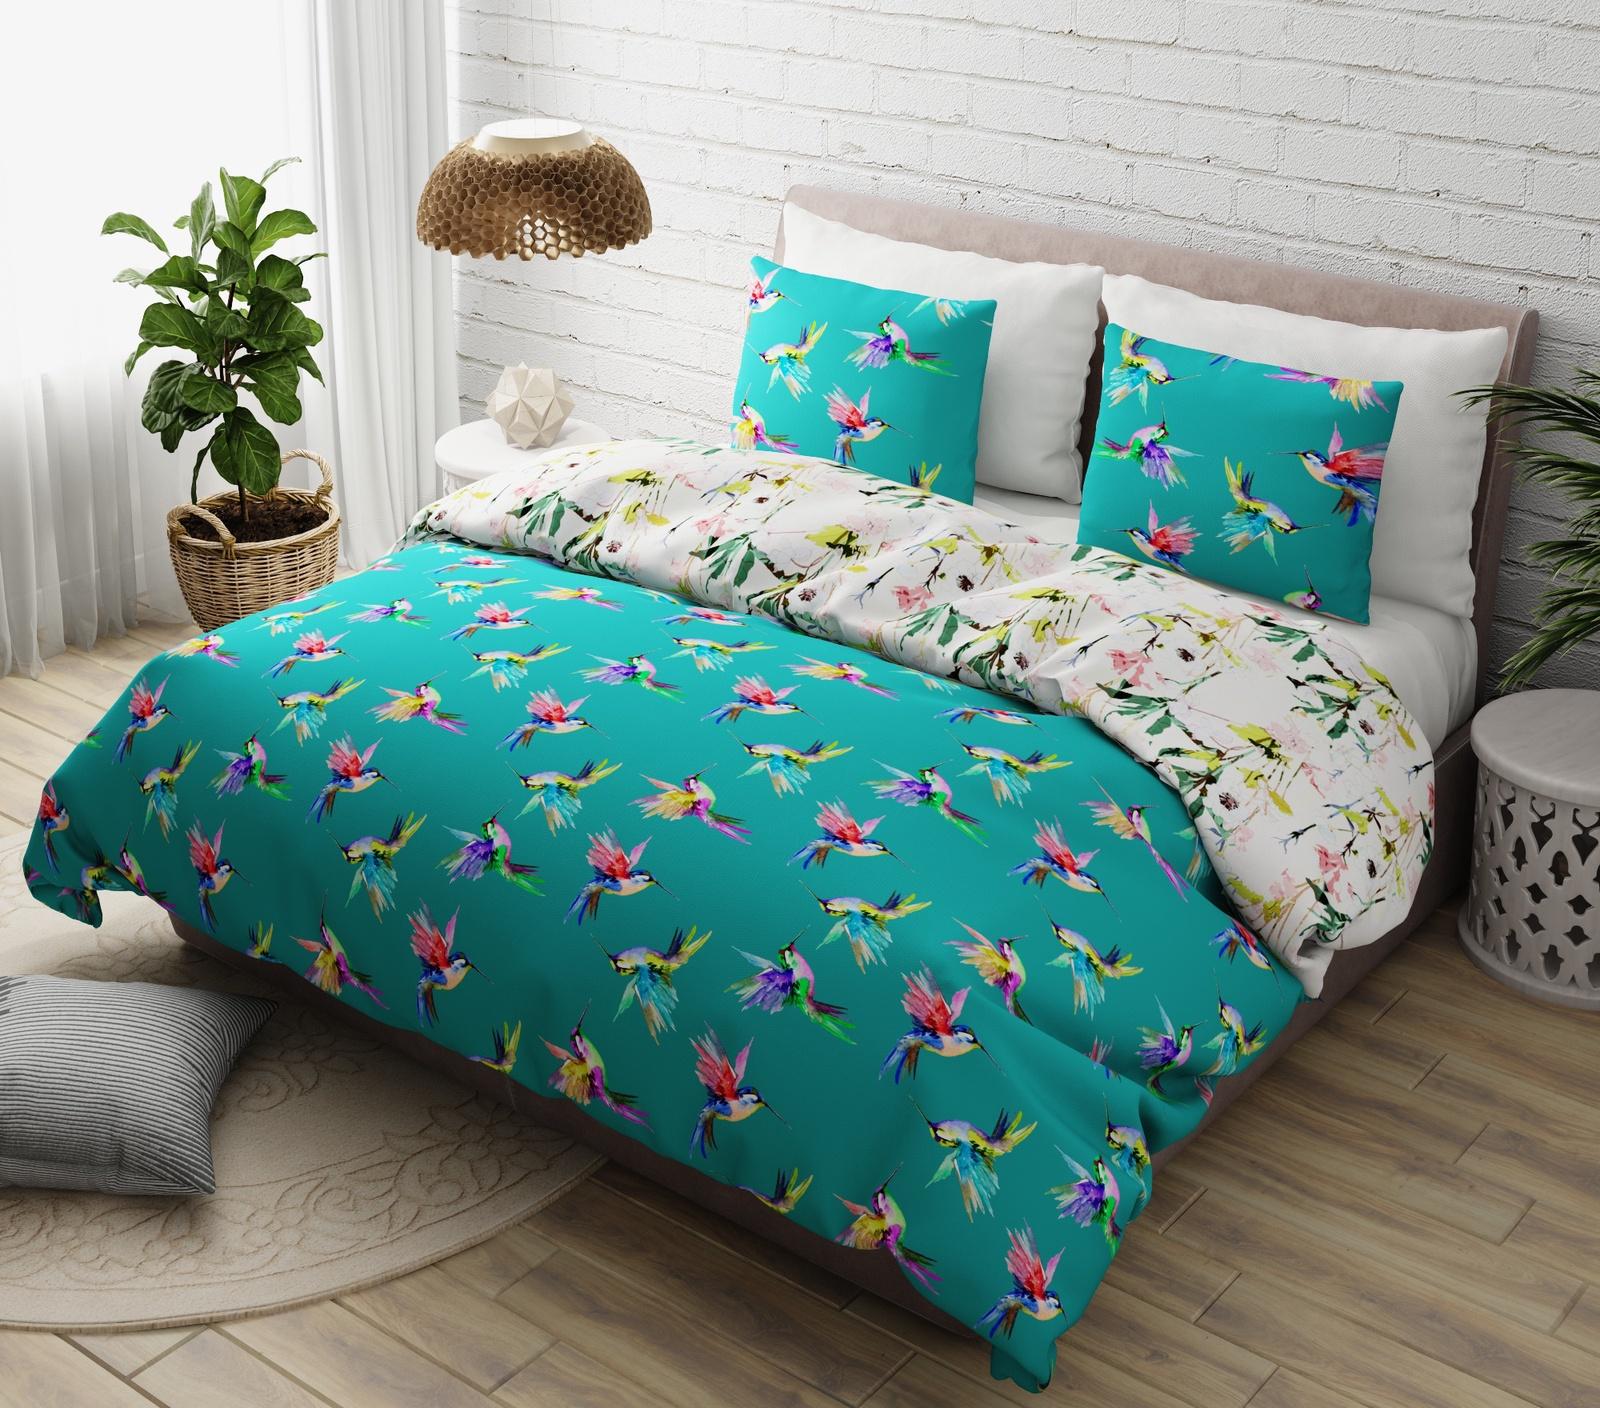 Комплект в кроватку Колибри, зеленый